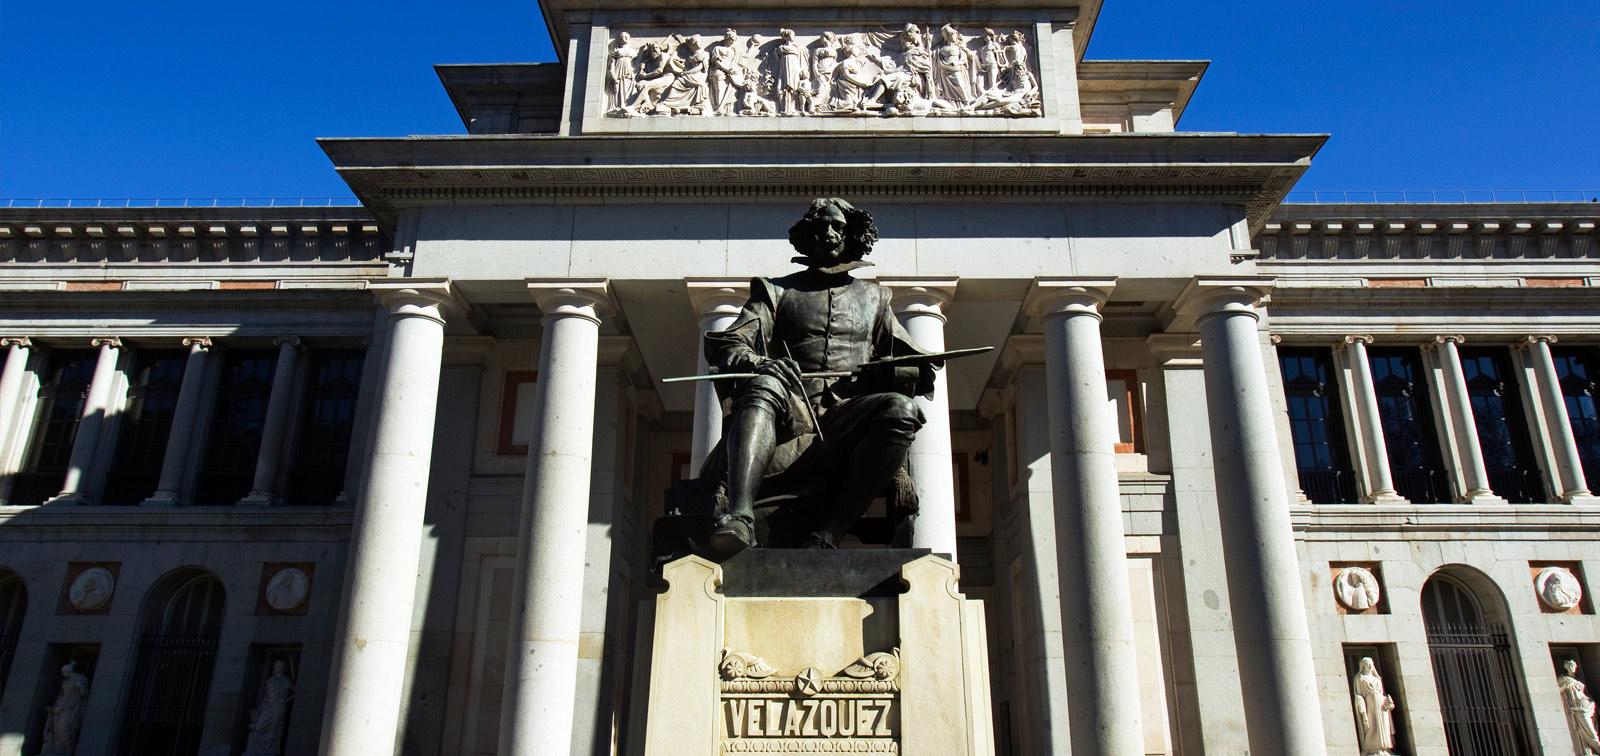 Del pintor al mito: Velázquez